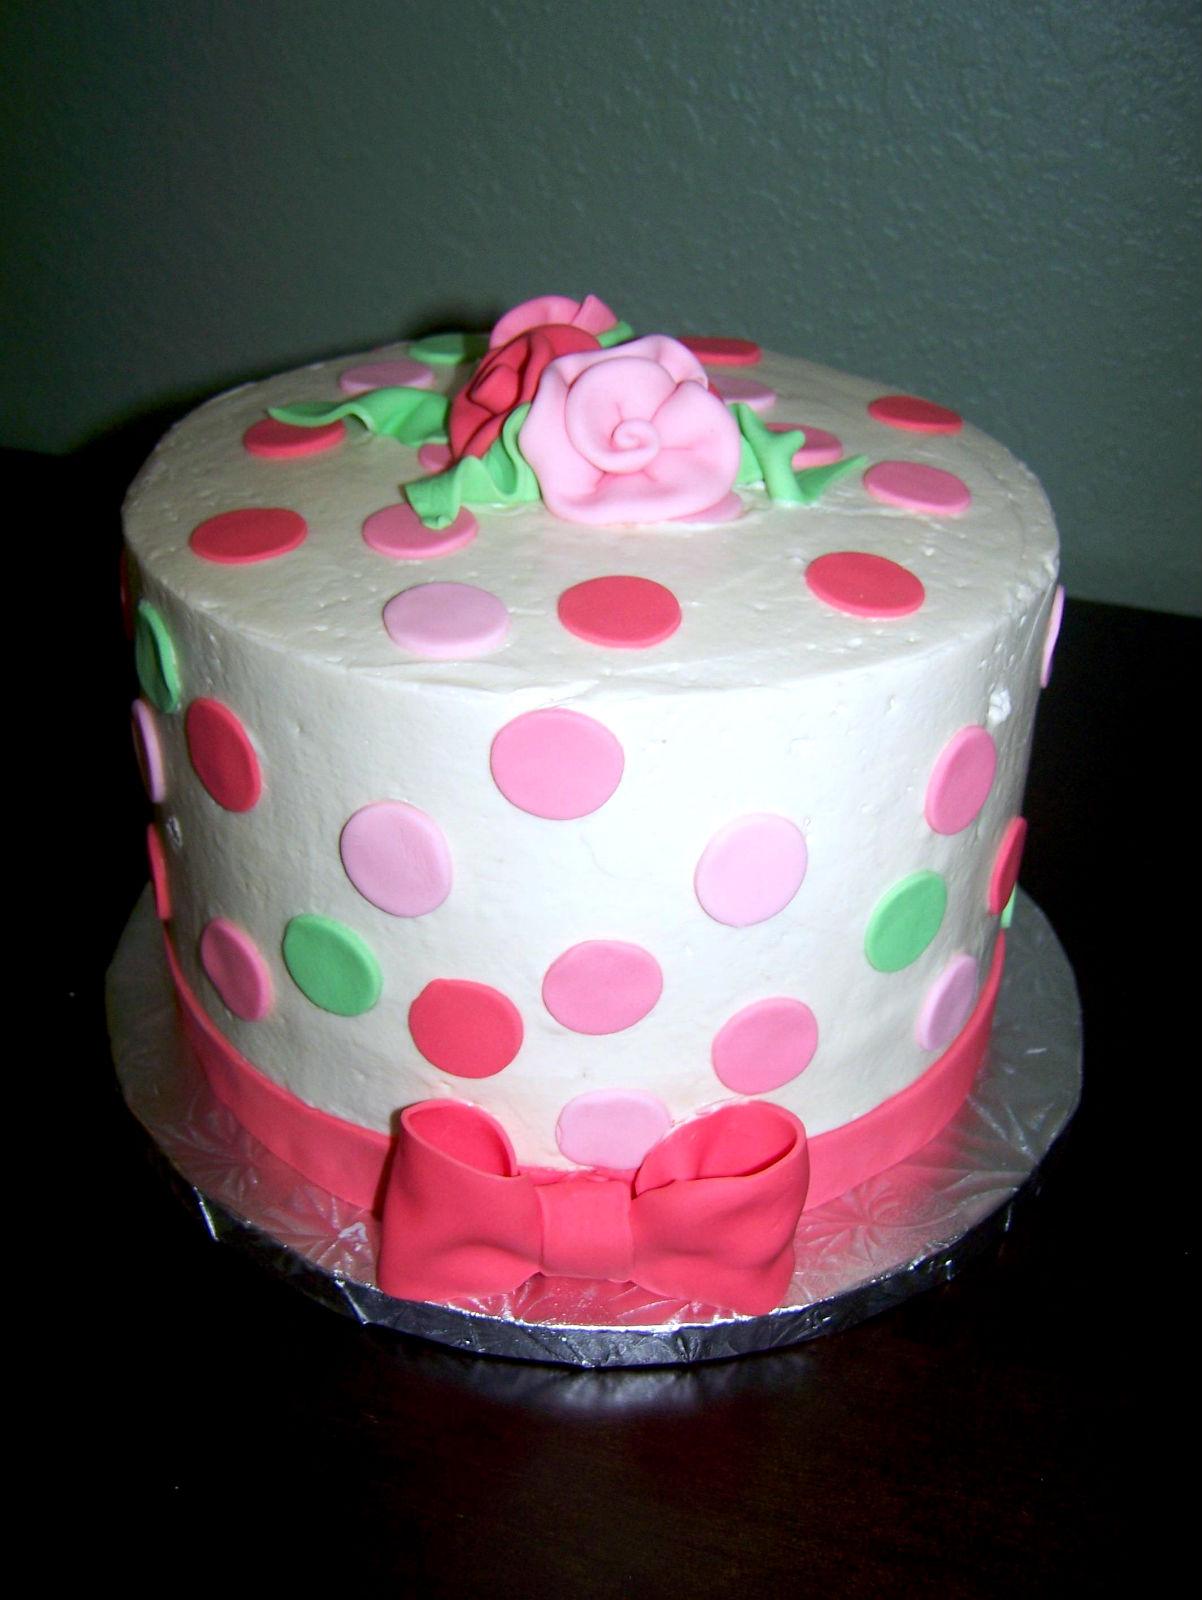 10 Easy Fondant Cakes For Beginners Photo Beginners Fondant